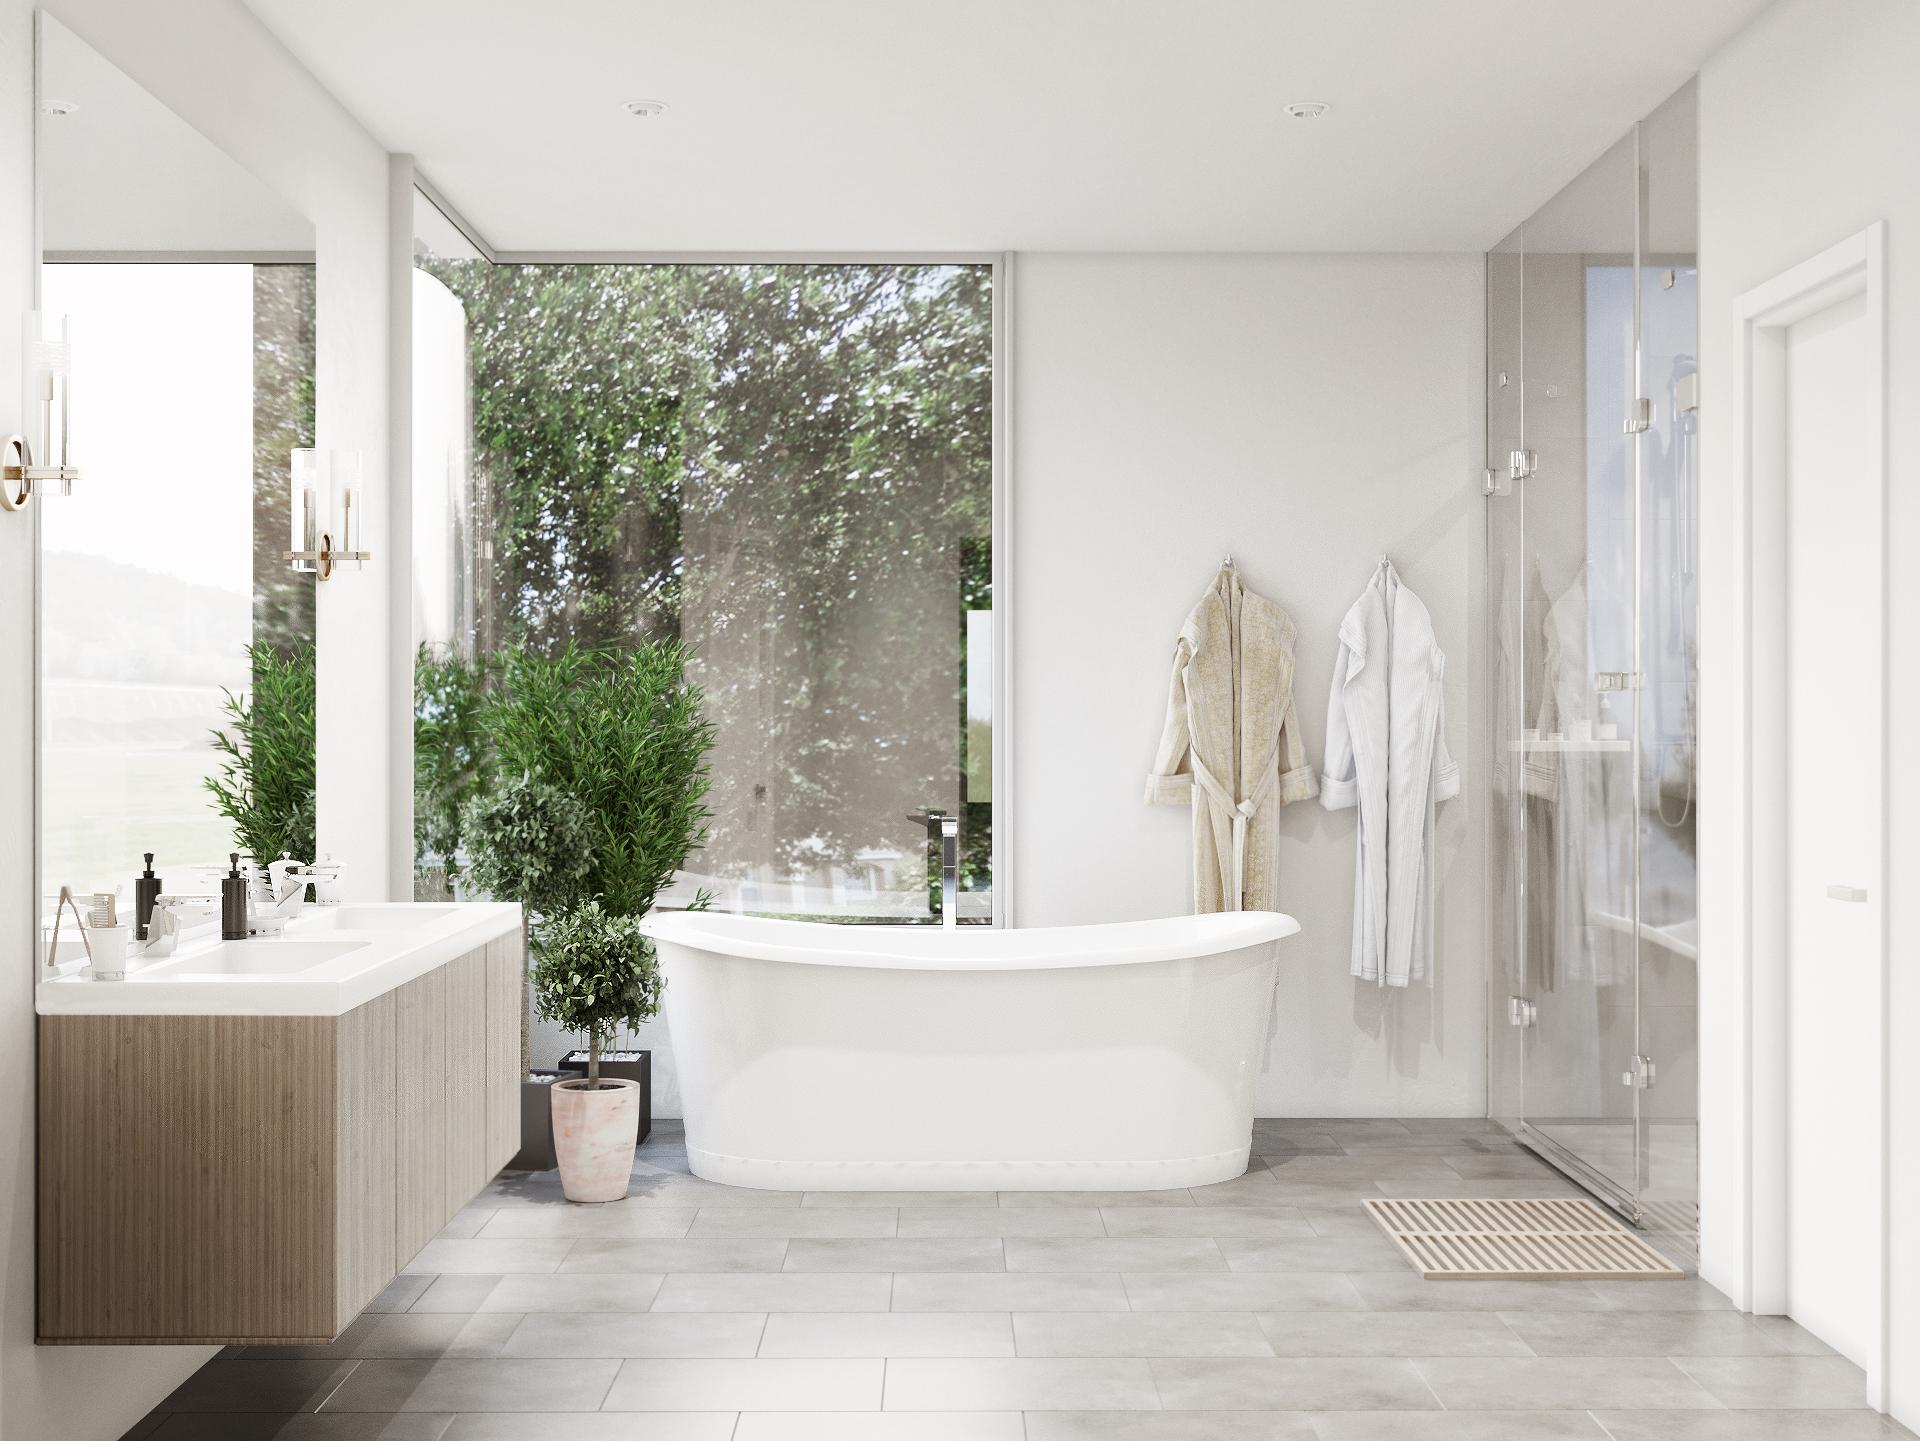 Eden park brings modern net zero ready homes to clarington for Eden home